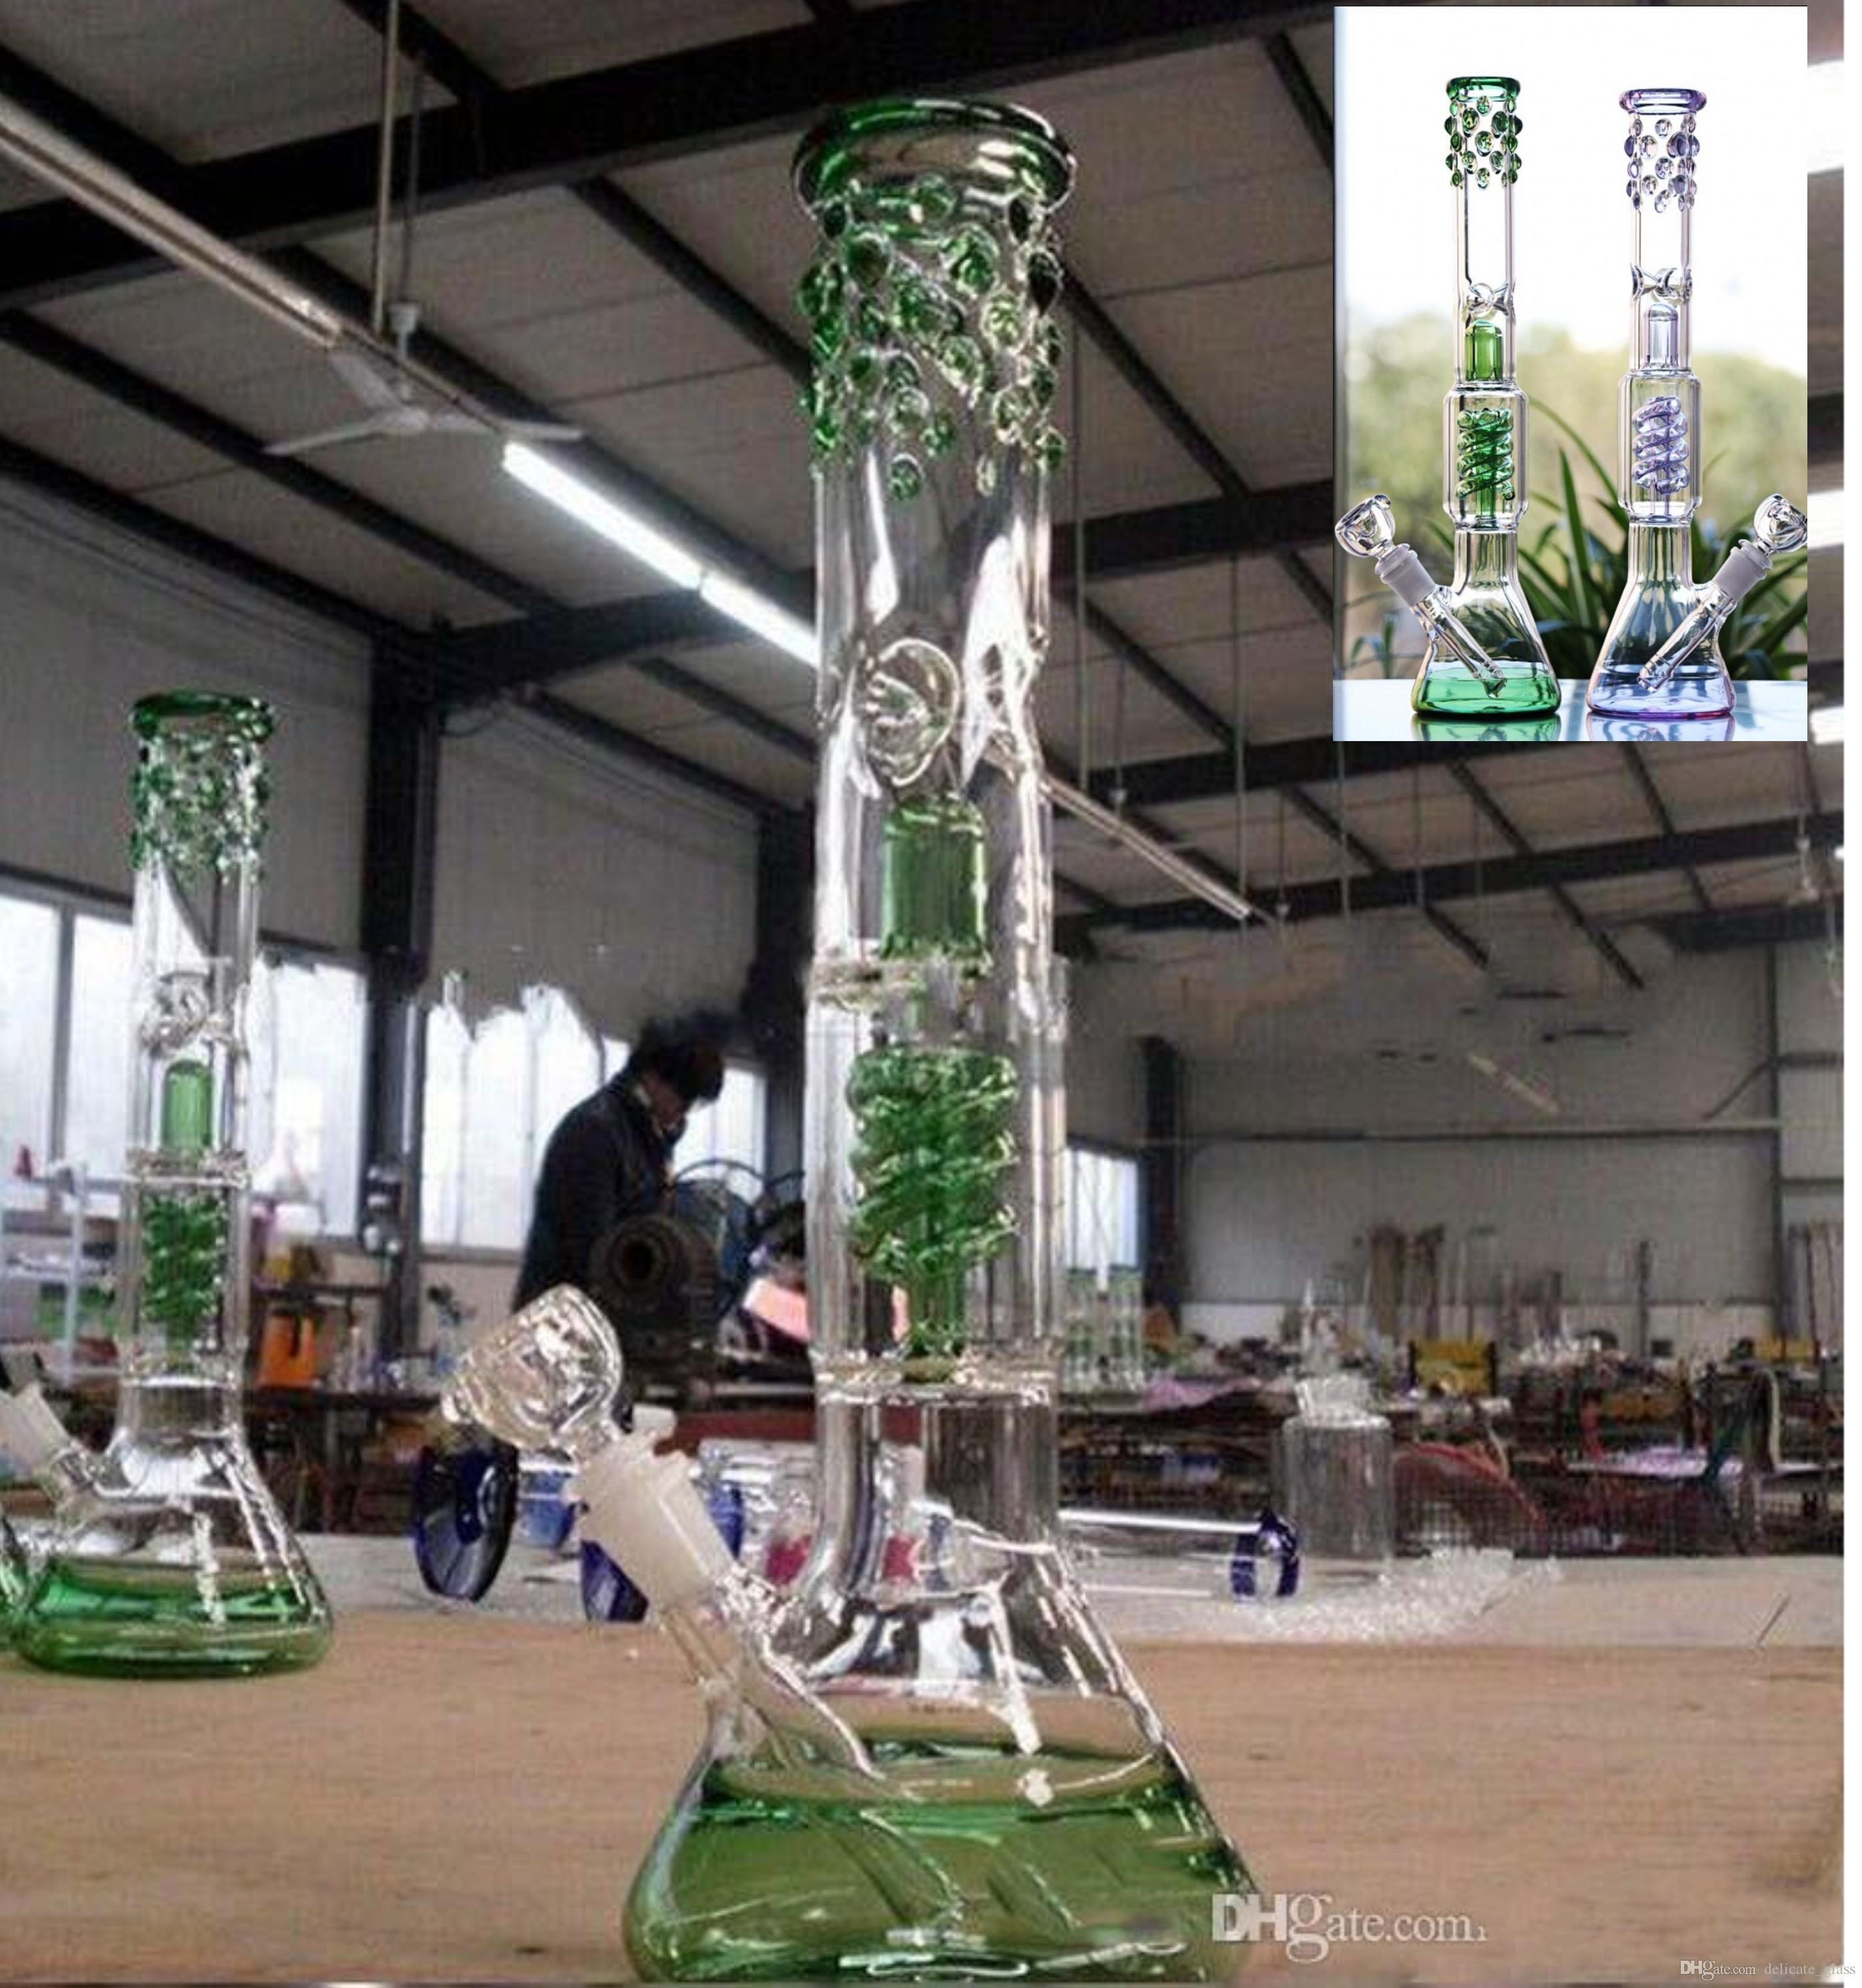 """Безопасная доставка 15 """" высокие стеклянные бонги стеклянные бонги водопроводные трубы 14.4 мм совместное утилизация нефтяных вышек кальяны пьянящие мертвые на складе курительные трубки"""